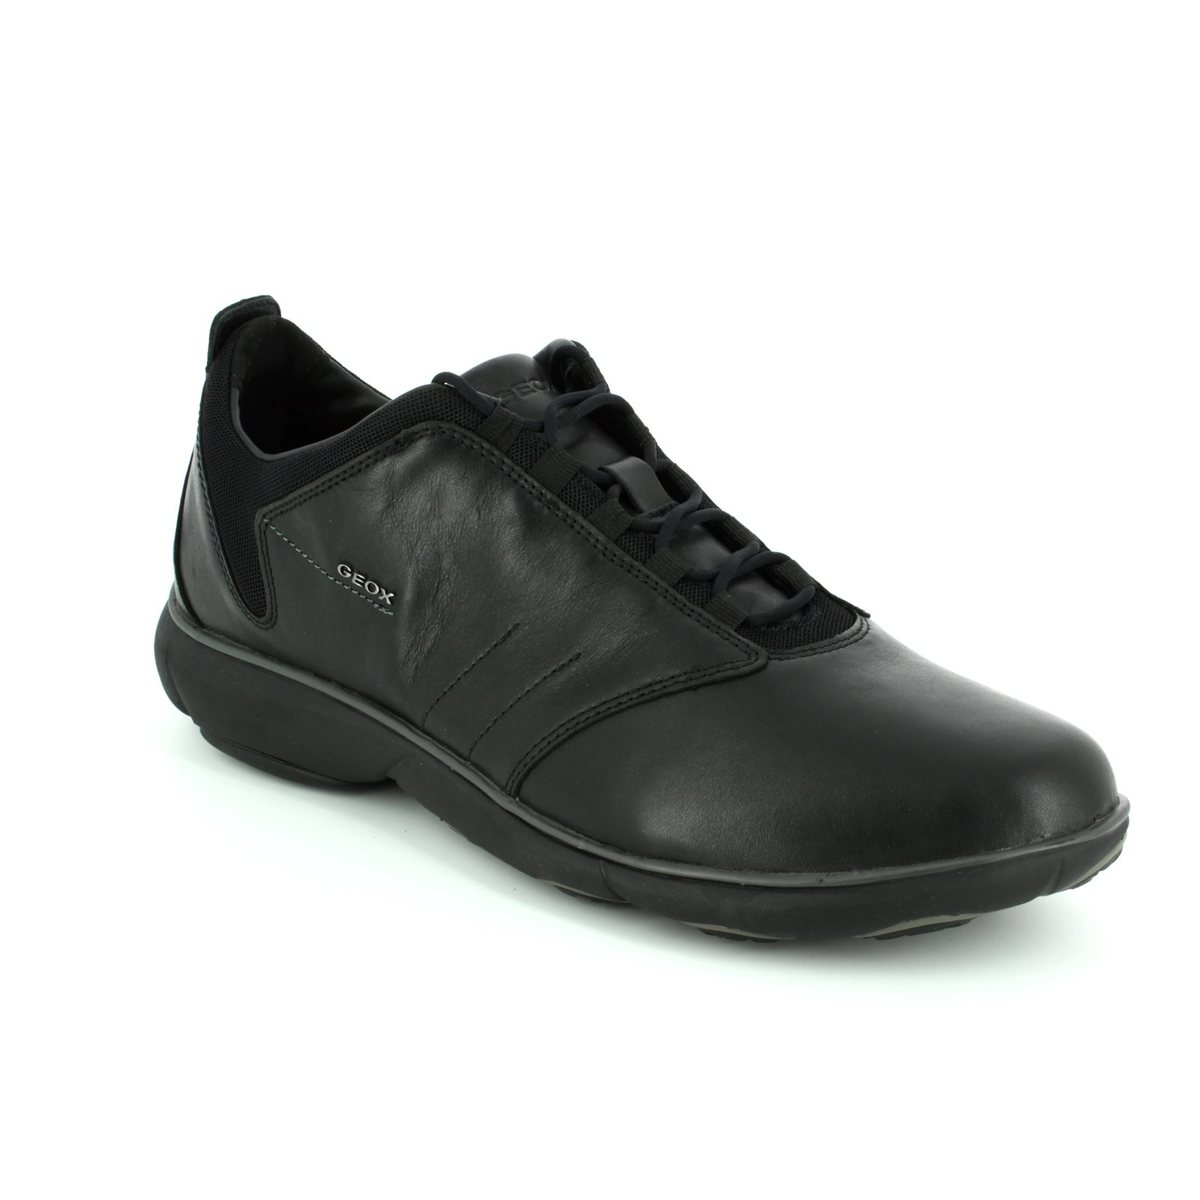 Geox Casual Shoes - Black - U52D7A/C9999 NEBULA MEN